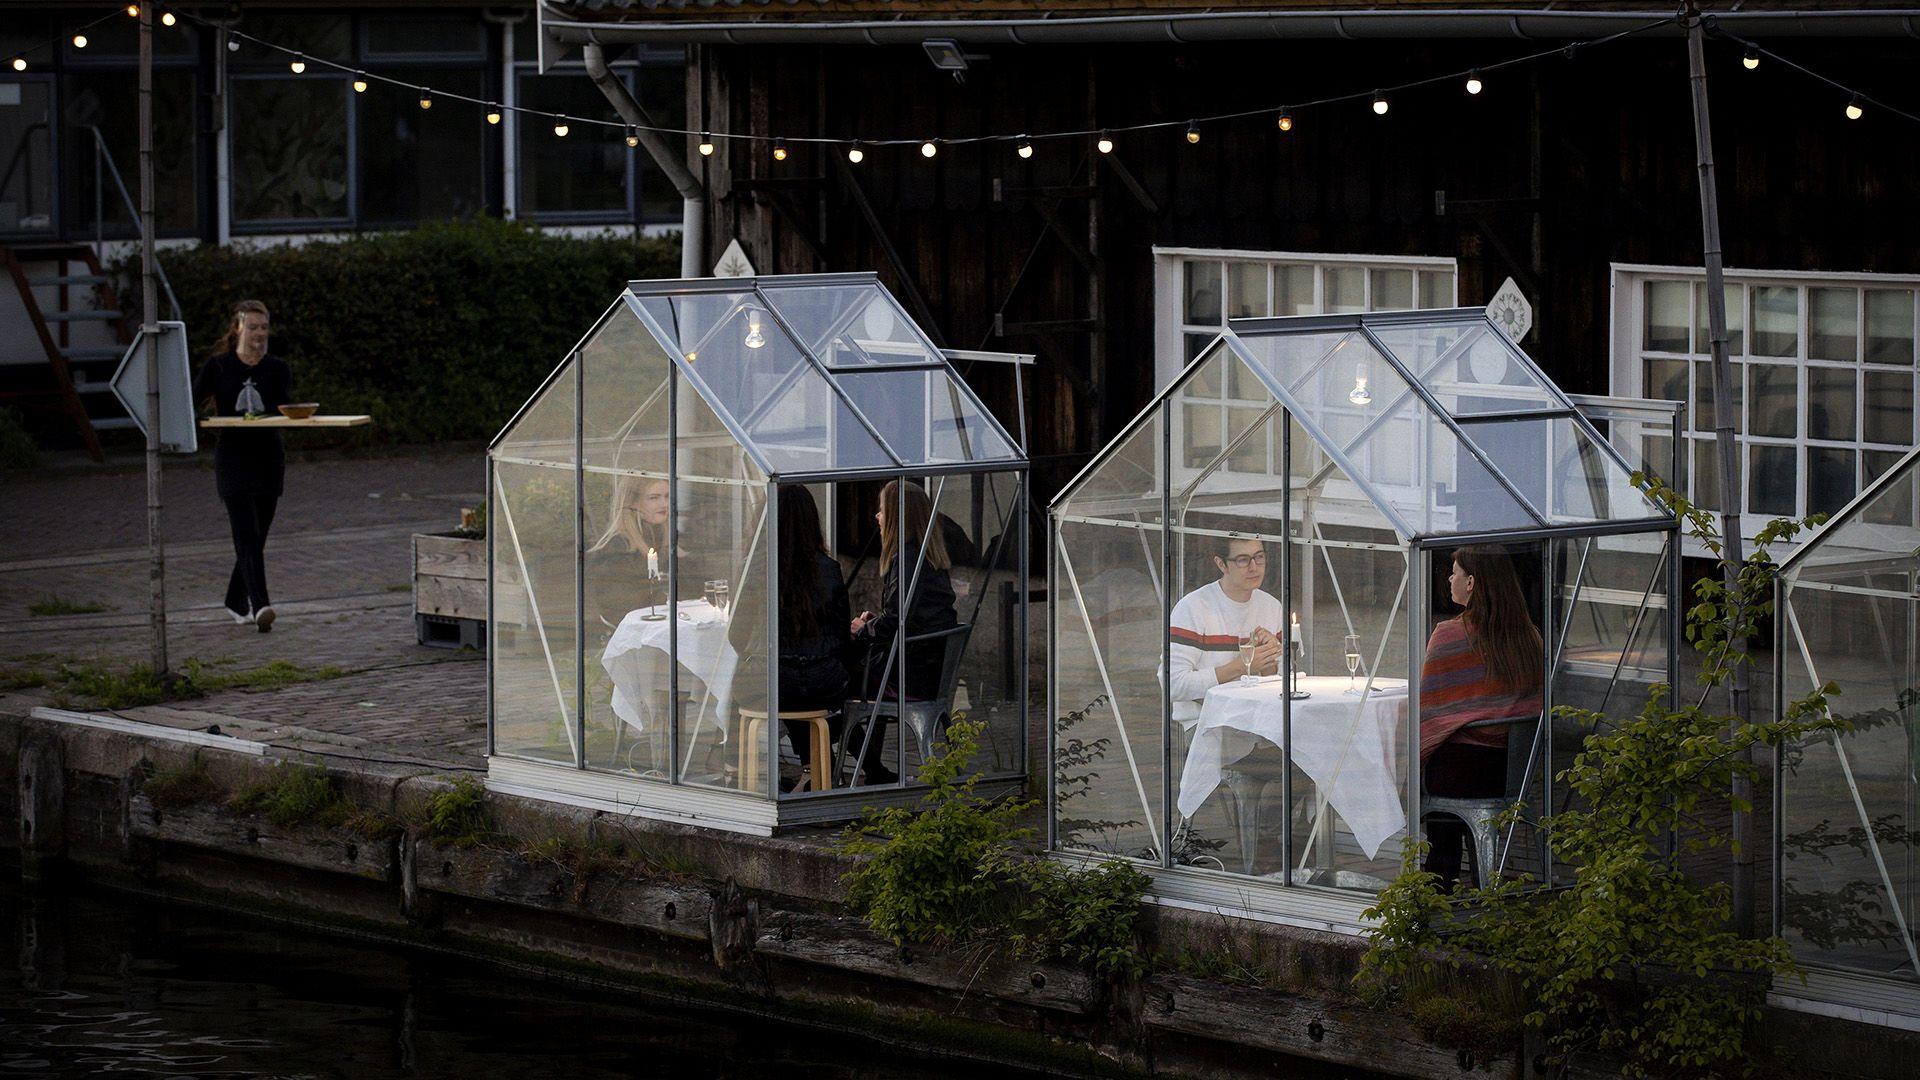 Üvegház-étteremmel oldják meg a randihiányt az amszterdami fiatalok